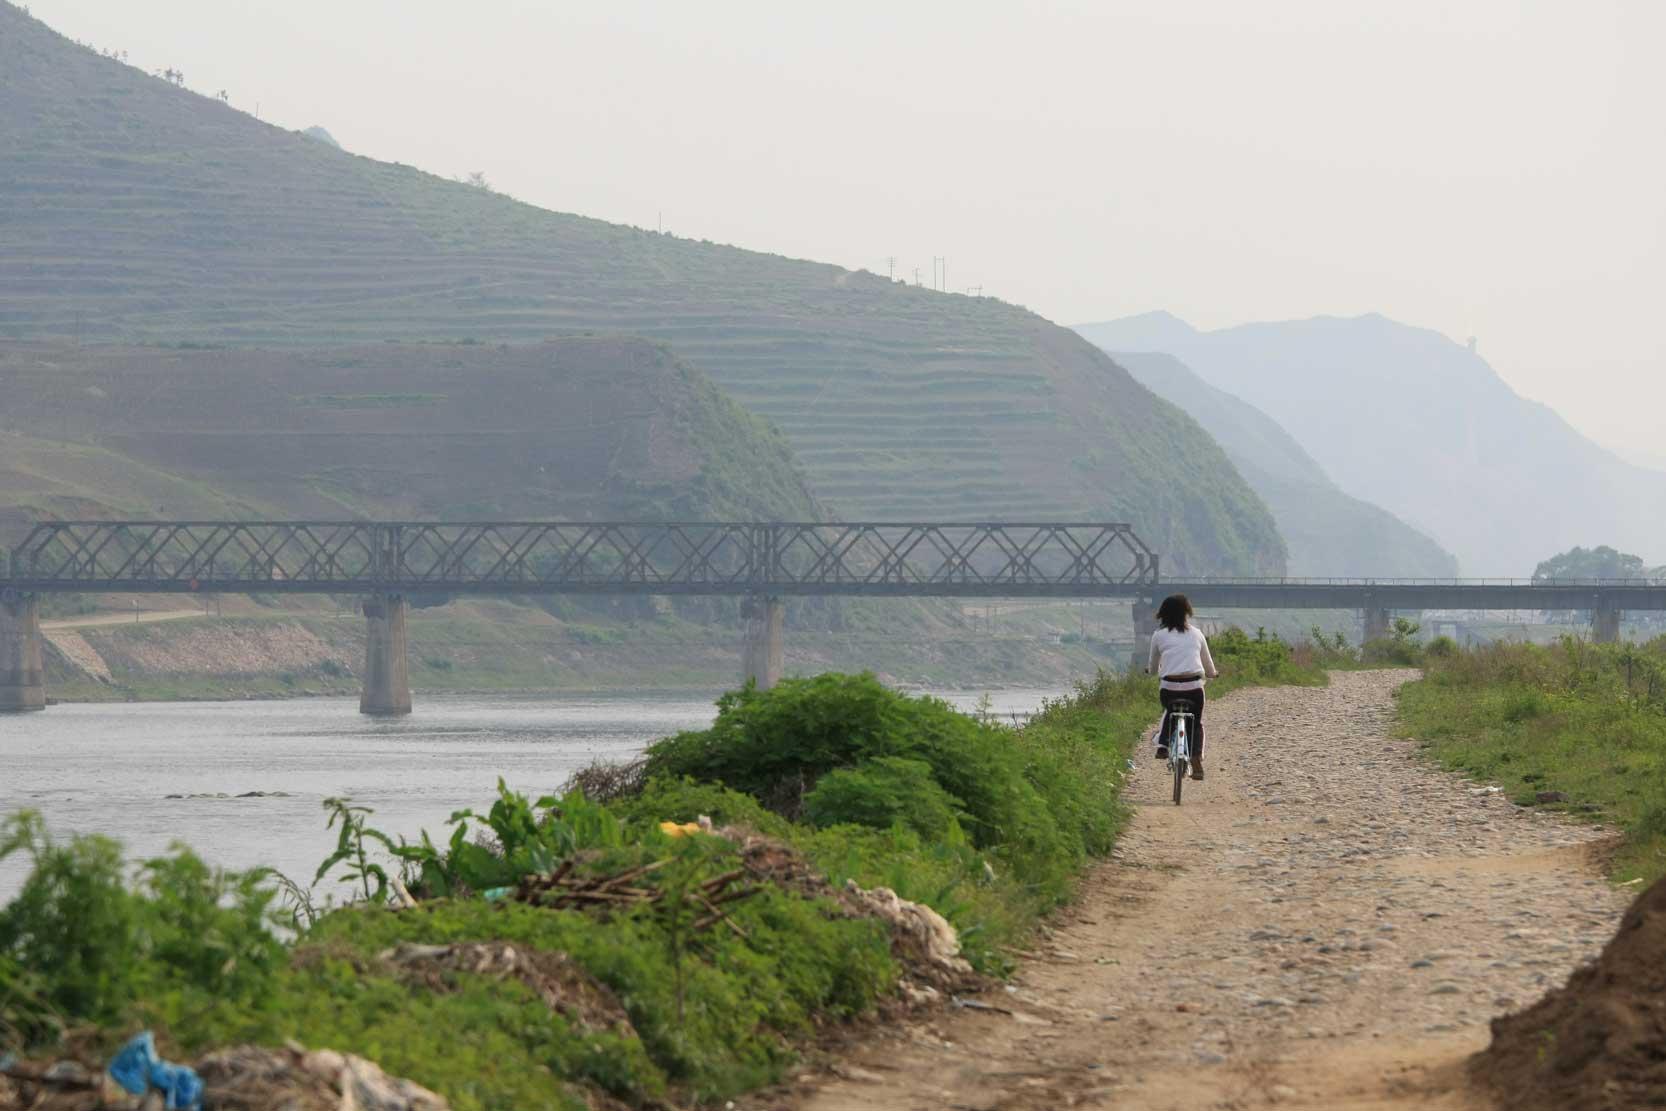 世界遺産のまち、集安~のどかな鴨緑江沿いの風景_b0235153_1329818.jpg